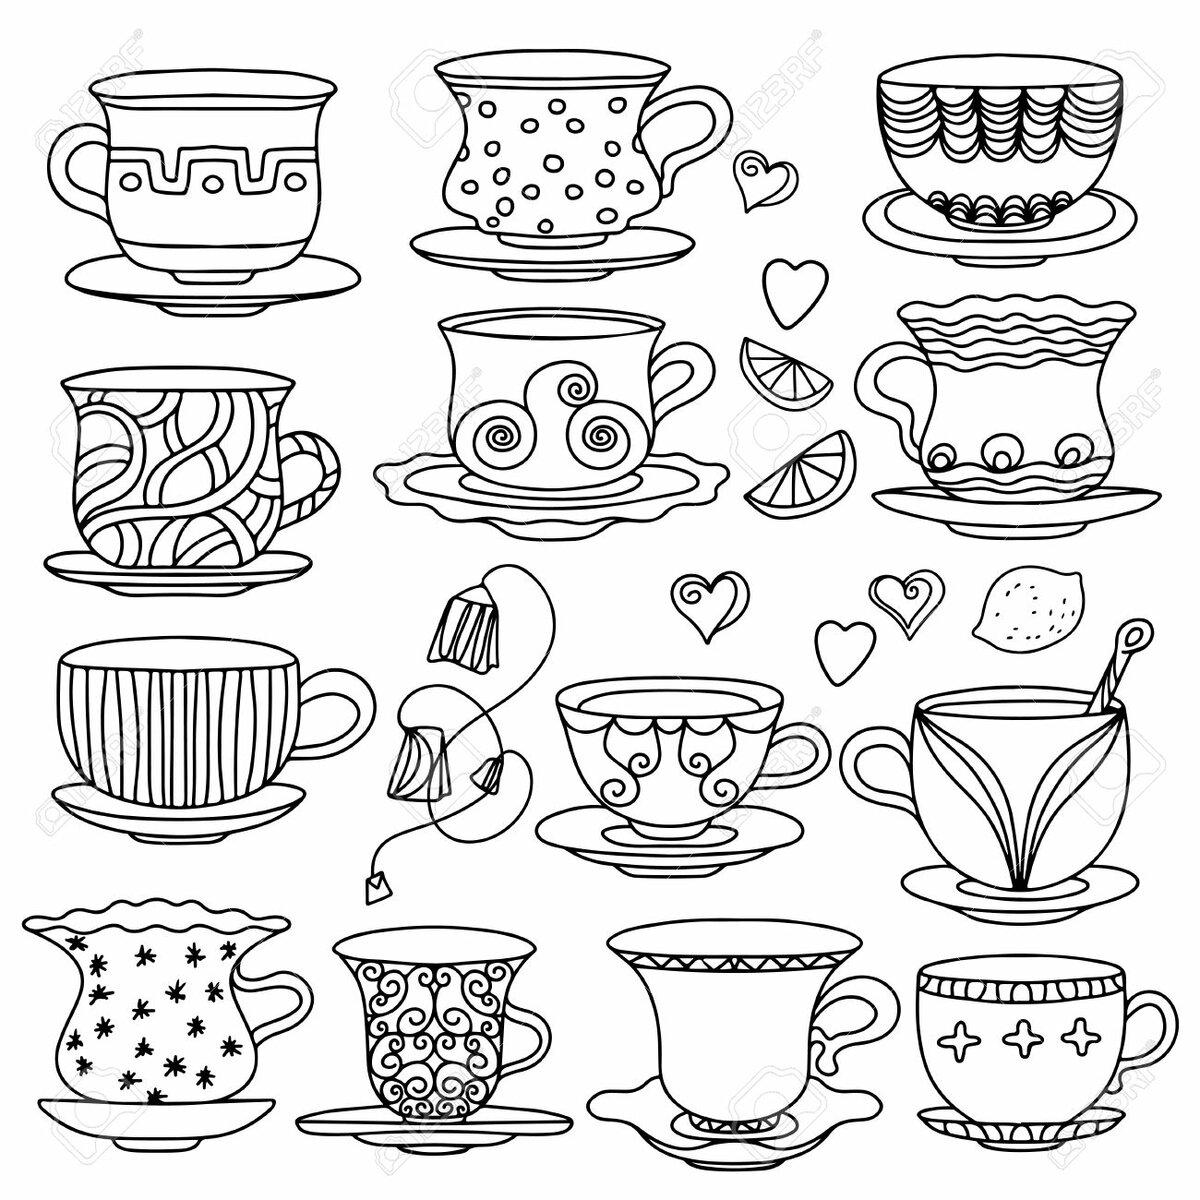 Узоры и орнаменты на посуде рисунки